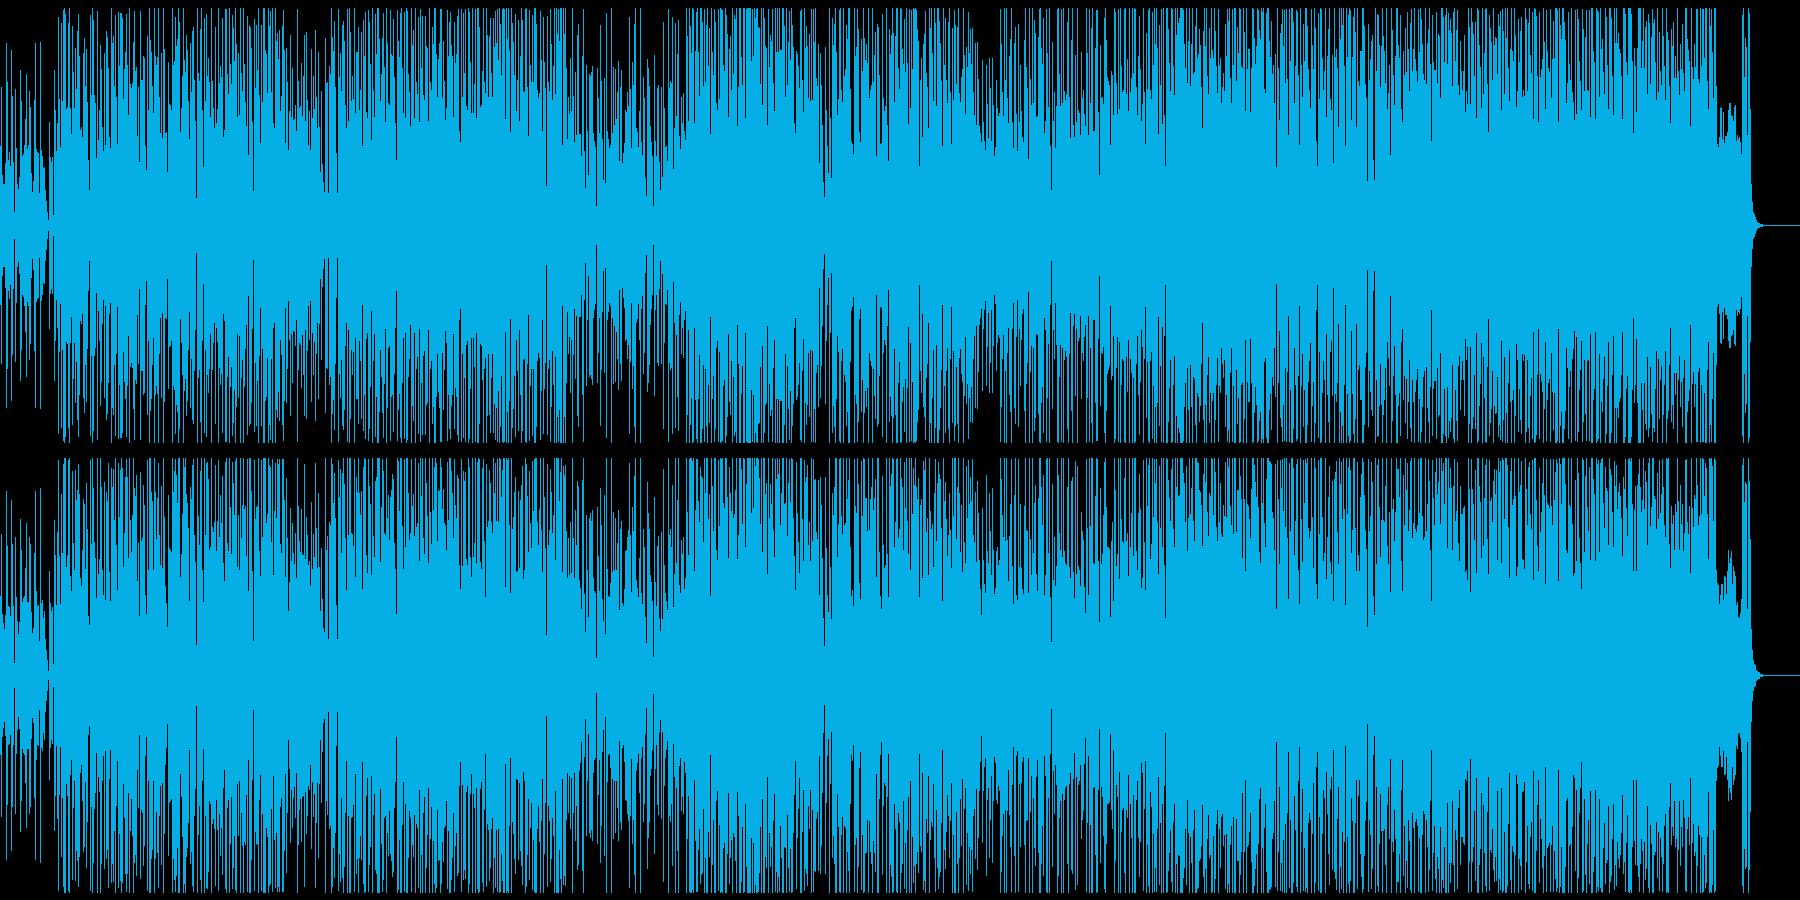 サックスの音色が怪しげなラテンジャズの再生済みの波形